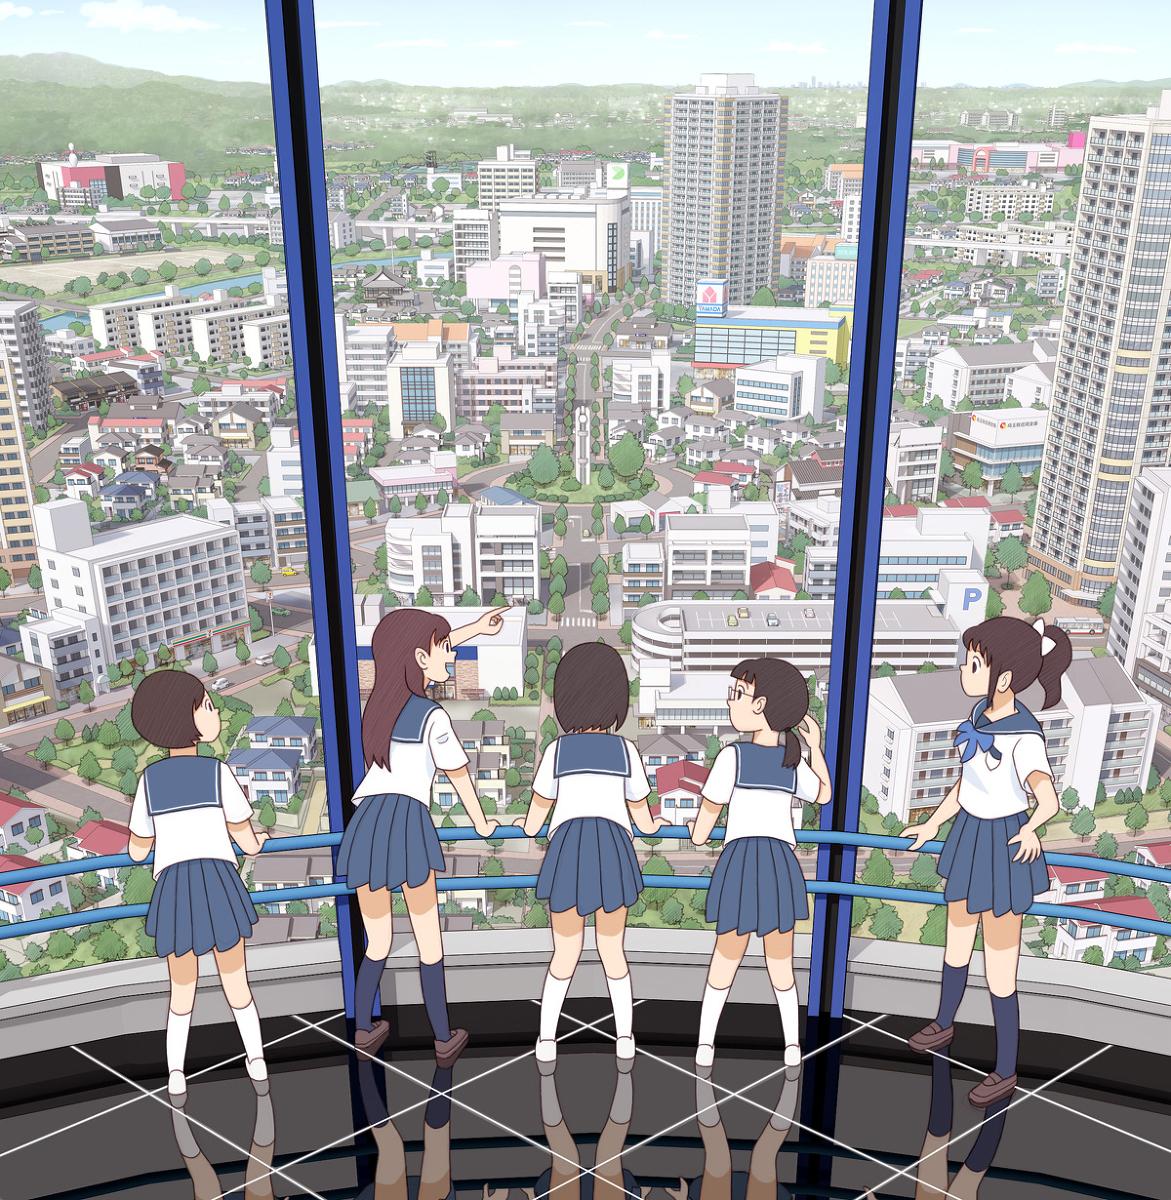 日本畫師筆下的「青春期」,熱評卻是:太日本了!高中生才不這樣